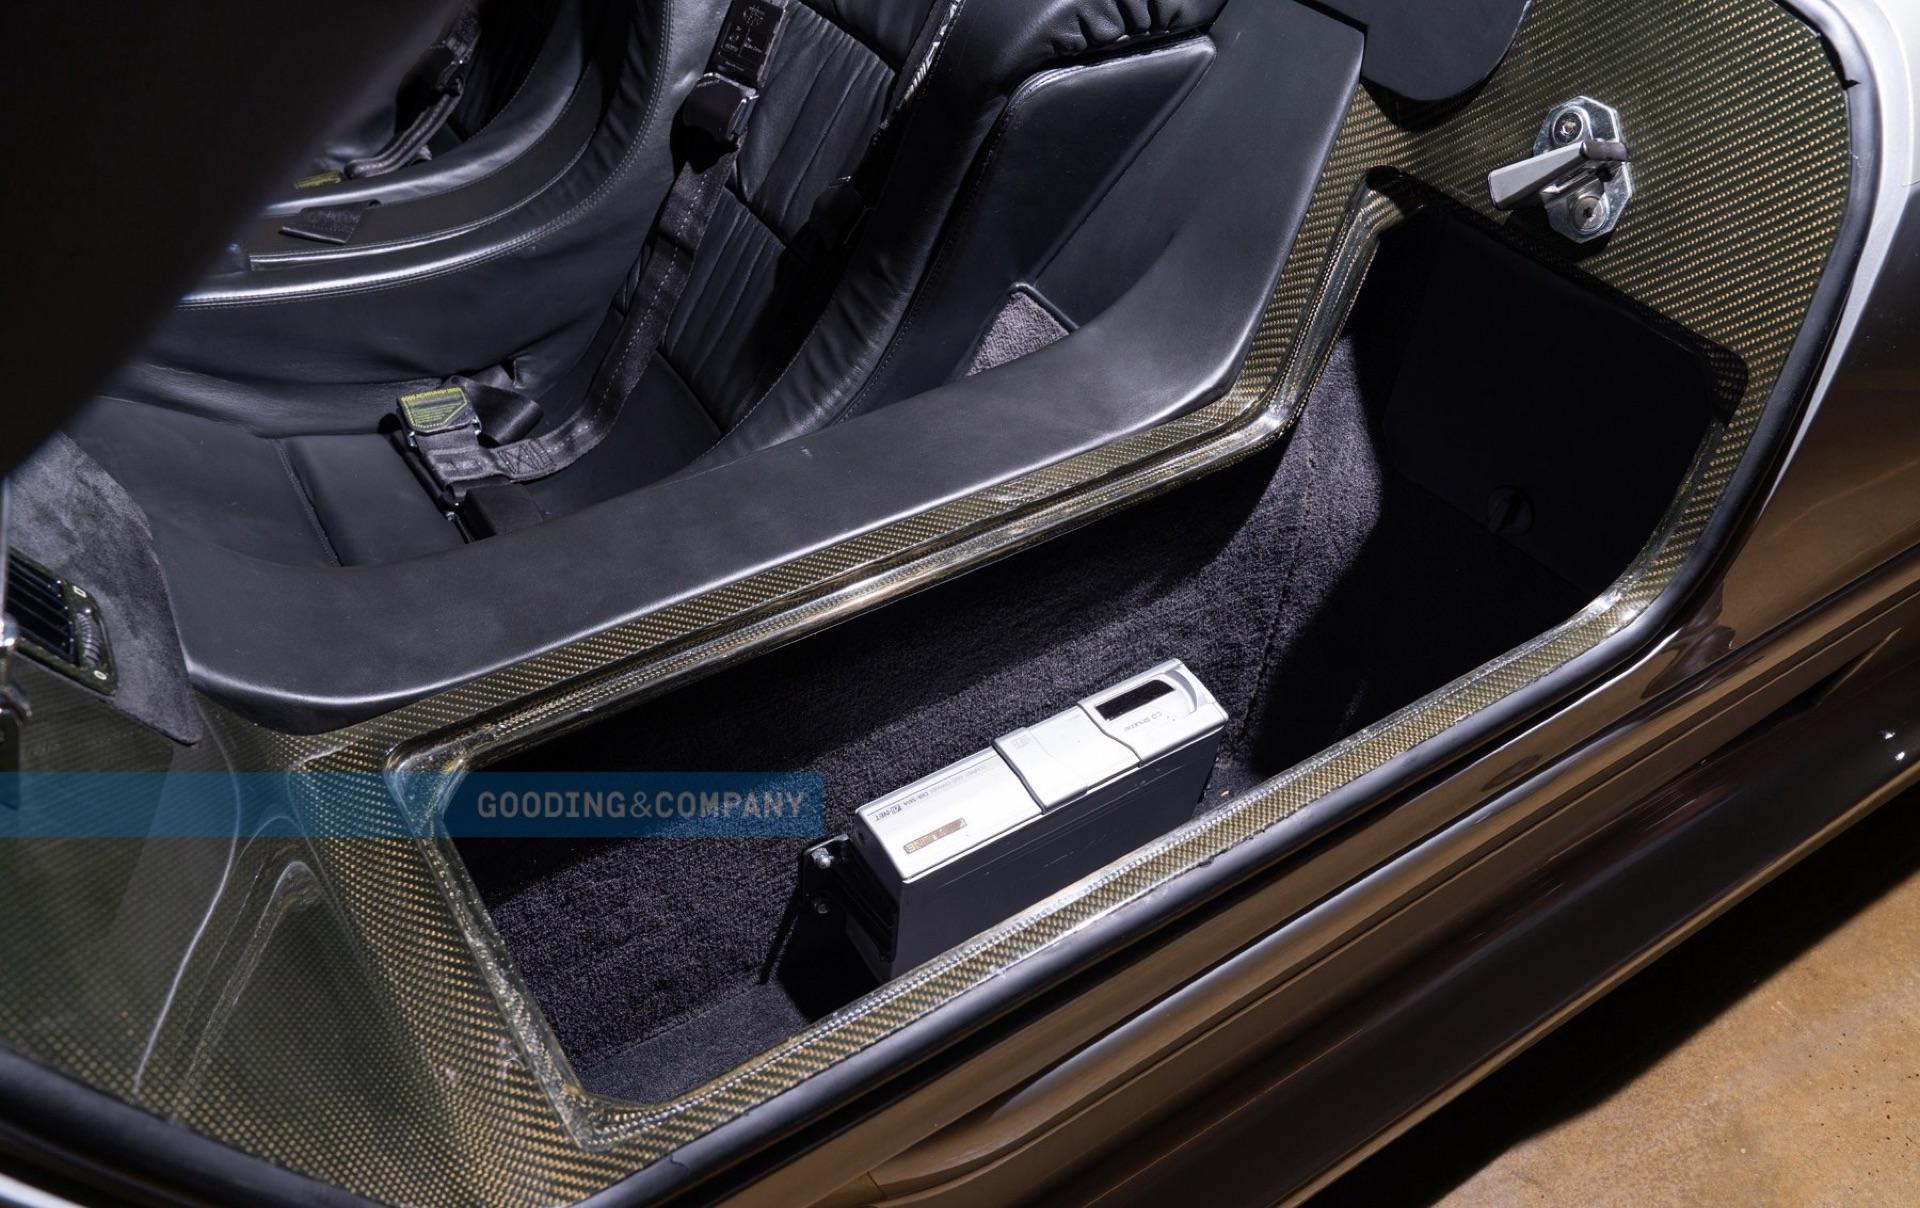 1998_Mercedes-Benz_CLK_GTR_sale-0011